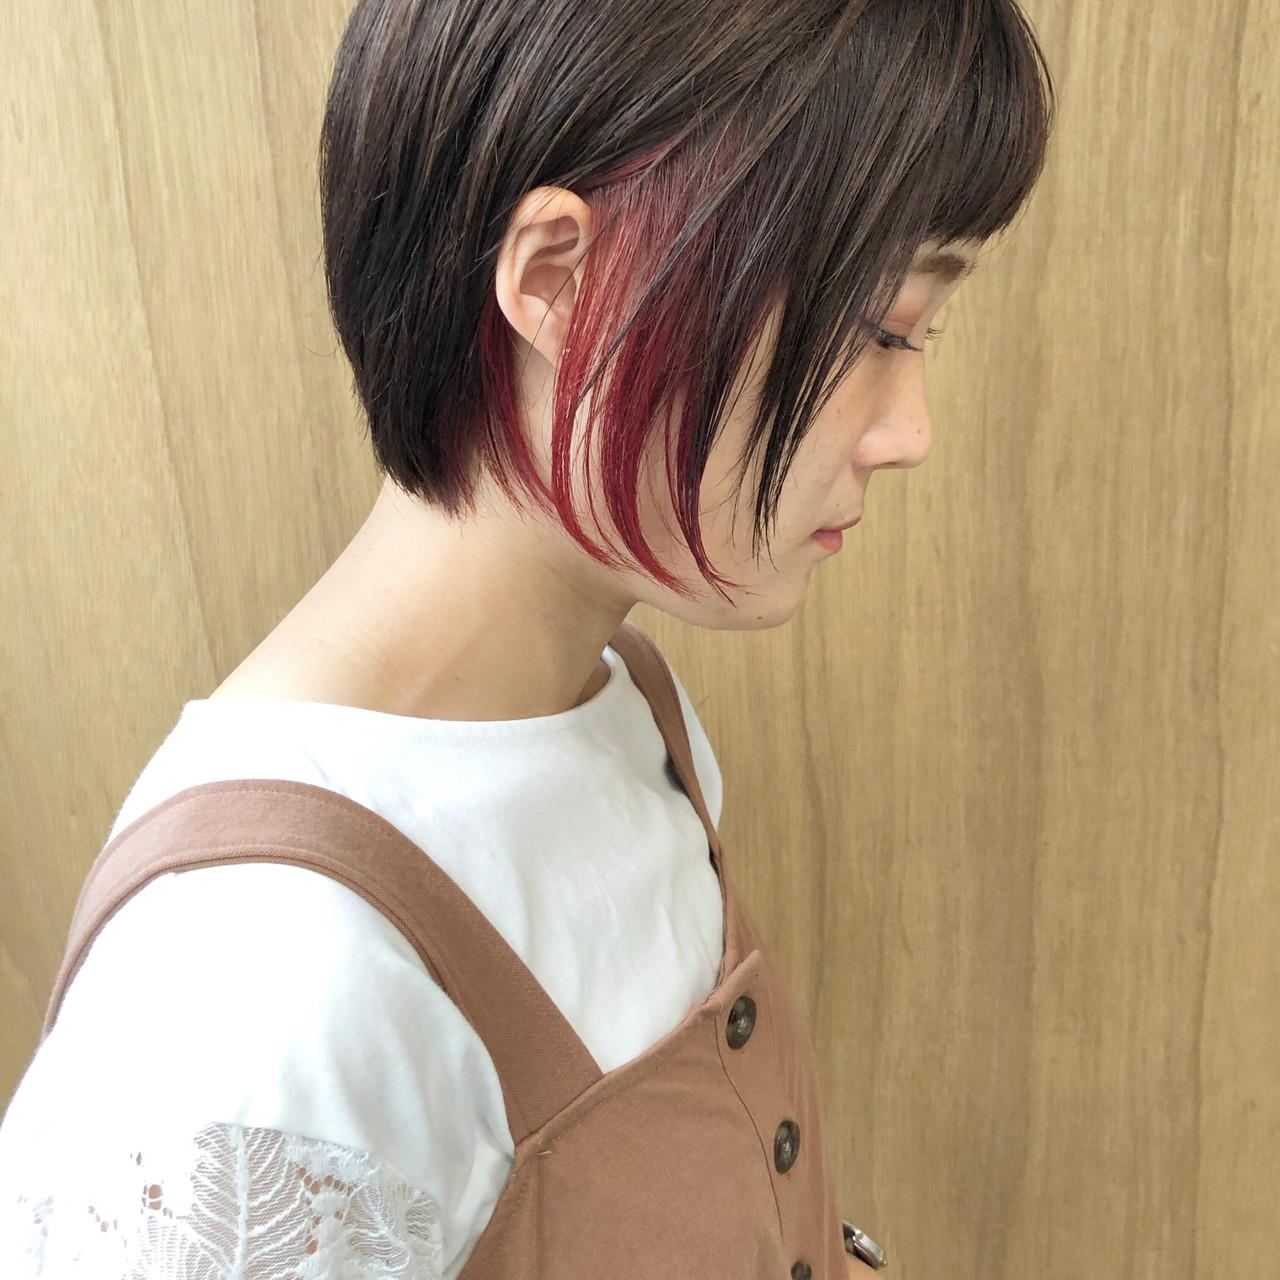 グラデーションカラー 外ハネボブ ショートボブ 切りっぱなしボブ ヘアスタイルや髪型の写真・画像 | 松井勇樹 / TWiGGY  歩行町店